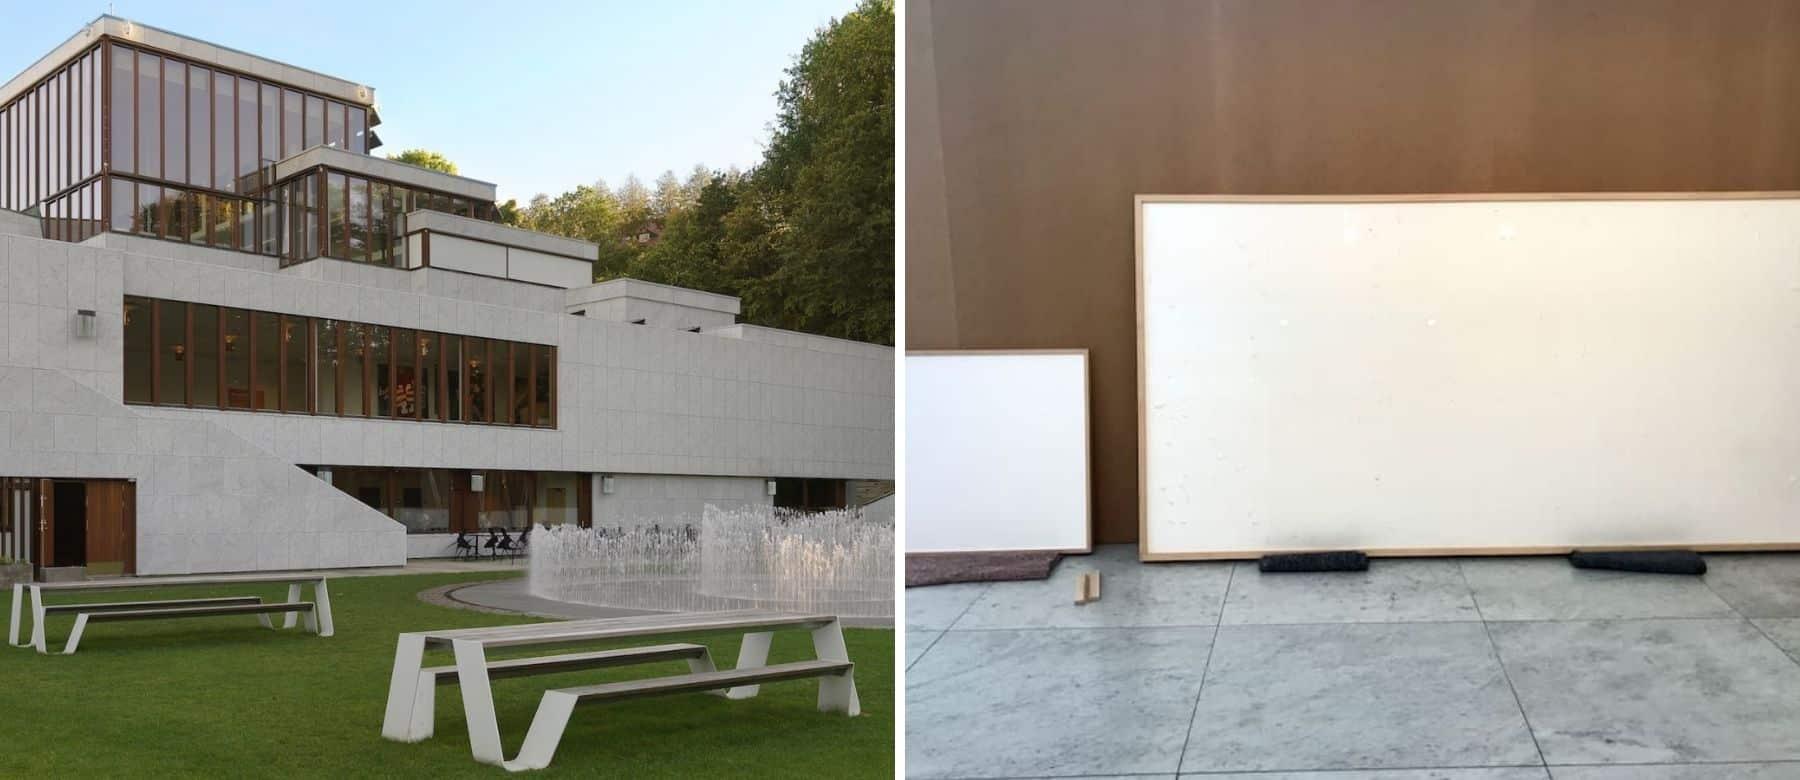 Un museo de Dinamarca entregó 84.000 dólares a un artista para que los incluyera en su obra pero recibió dos lienzos en blanco